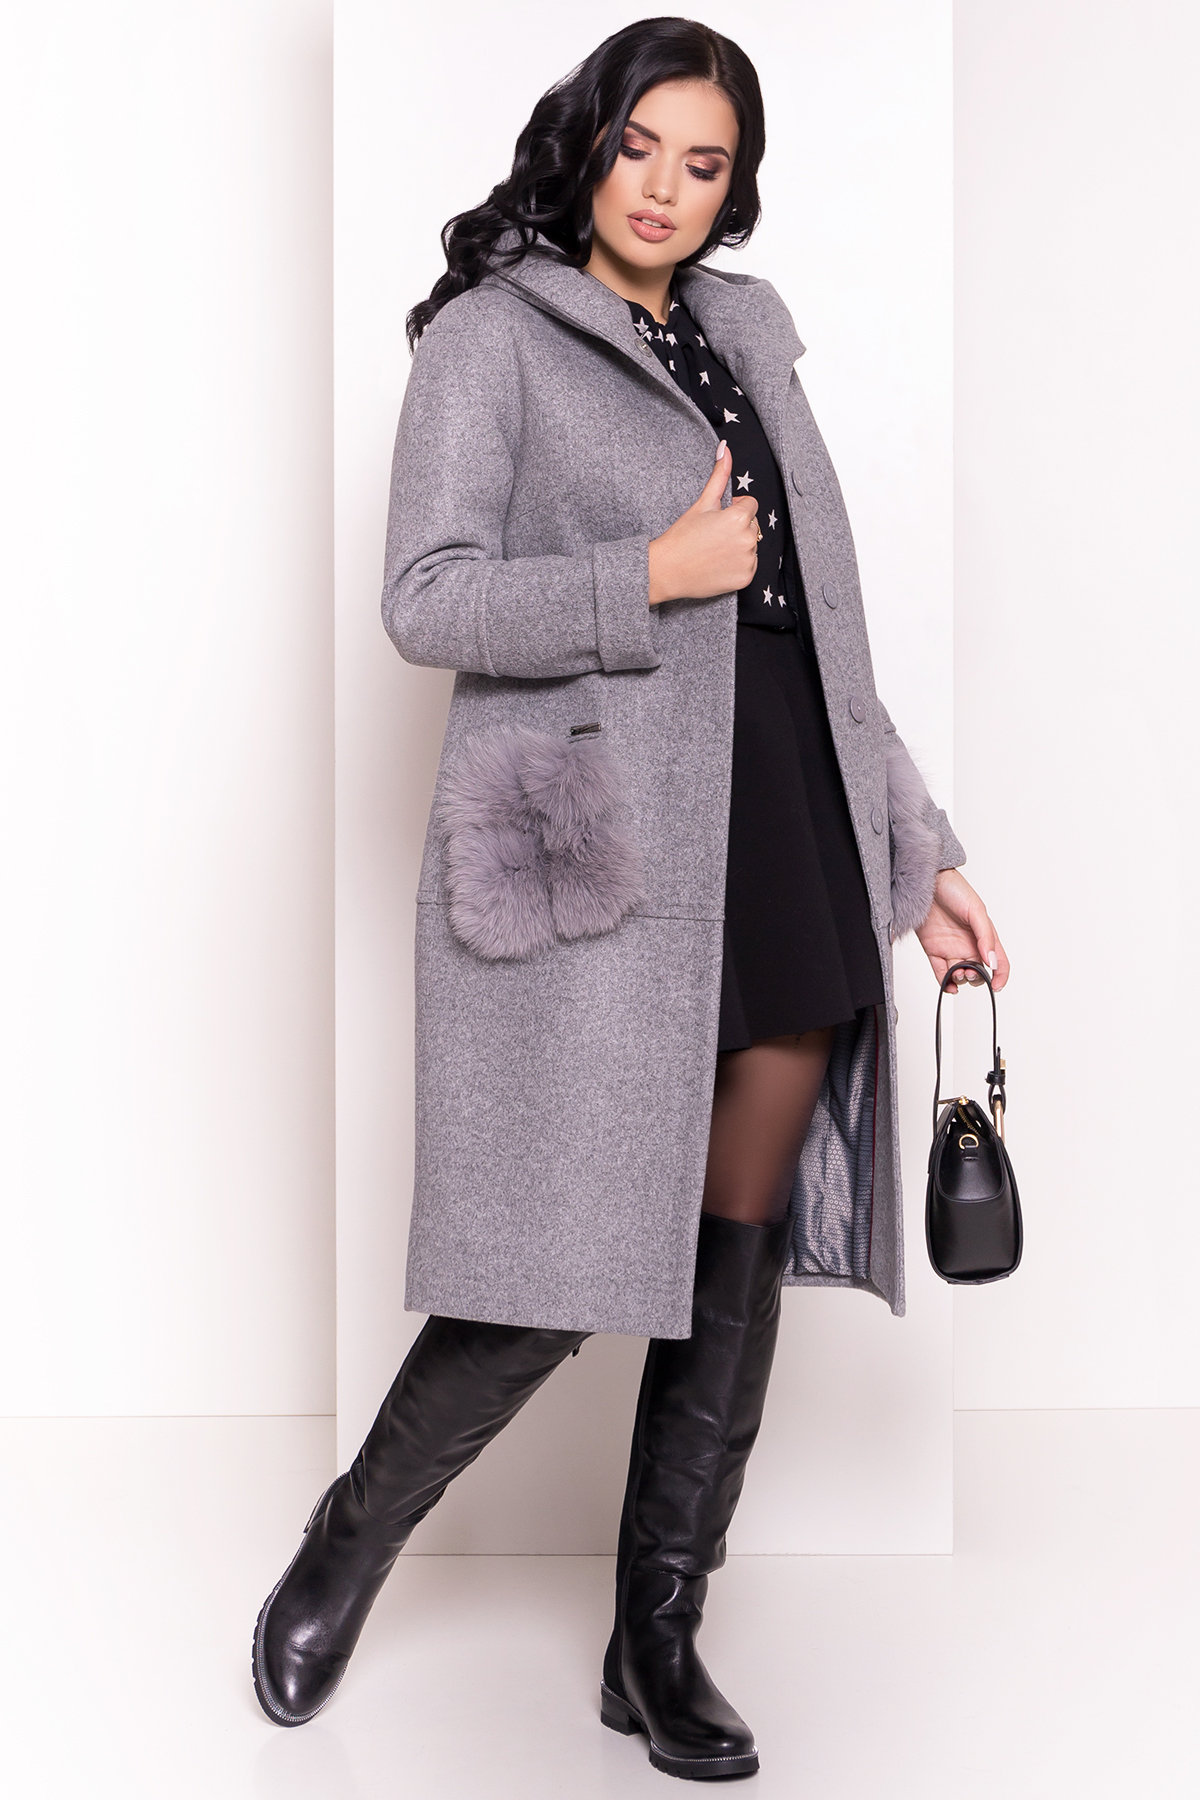 Пальто зима Анита 5762 АРТ. 38116 Цвет: Серый Светлый 77 - фото 3, интернет магазин tm-modus.ru